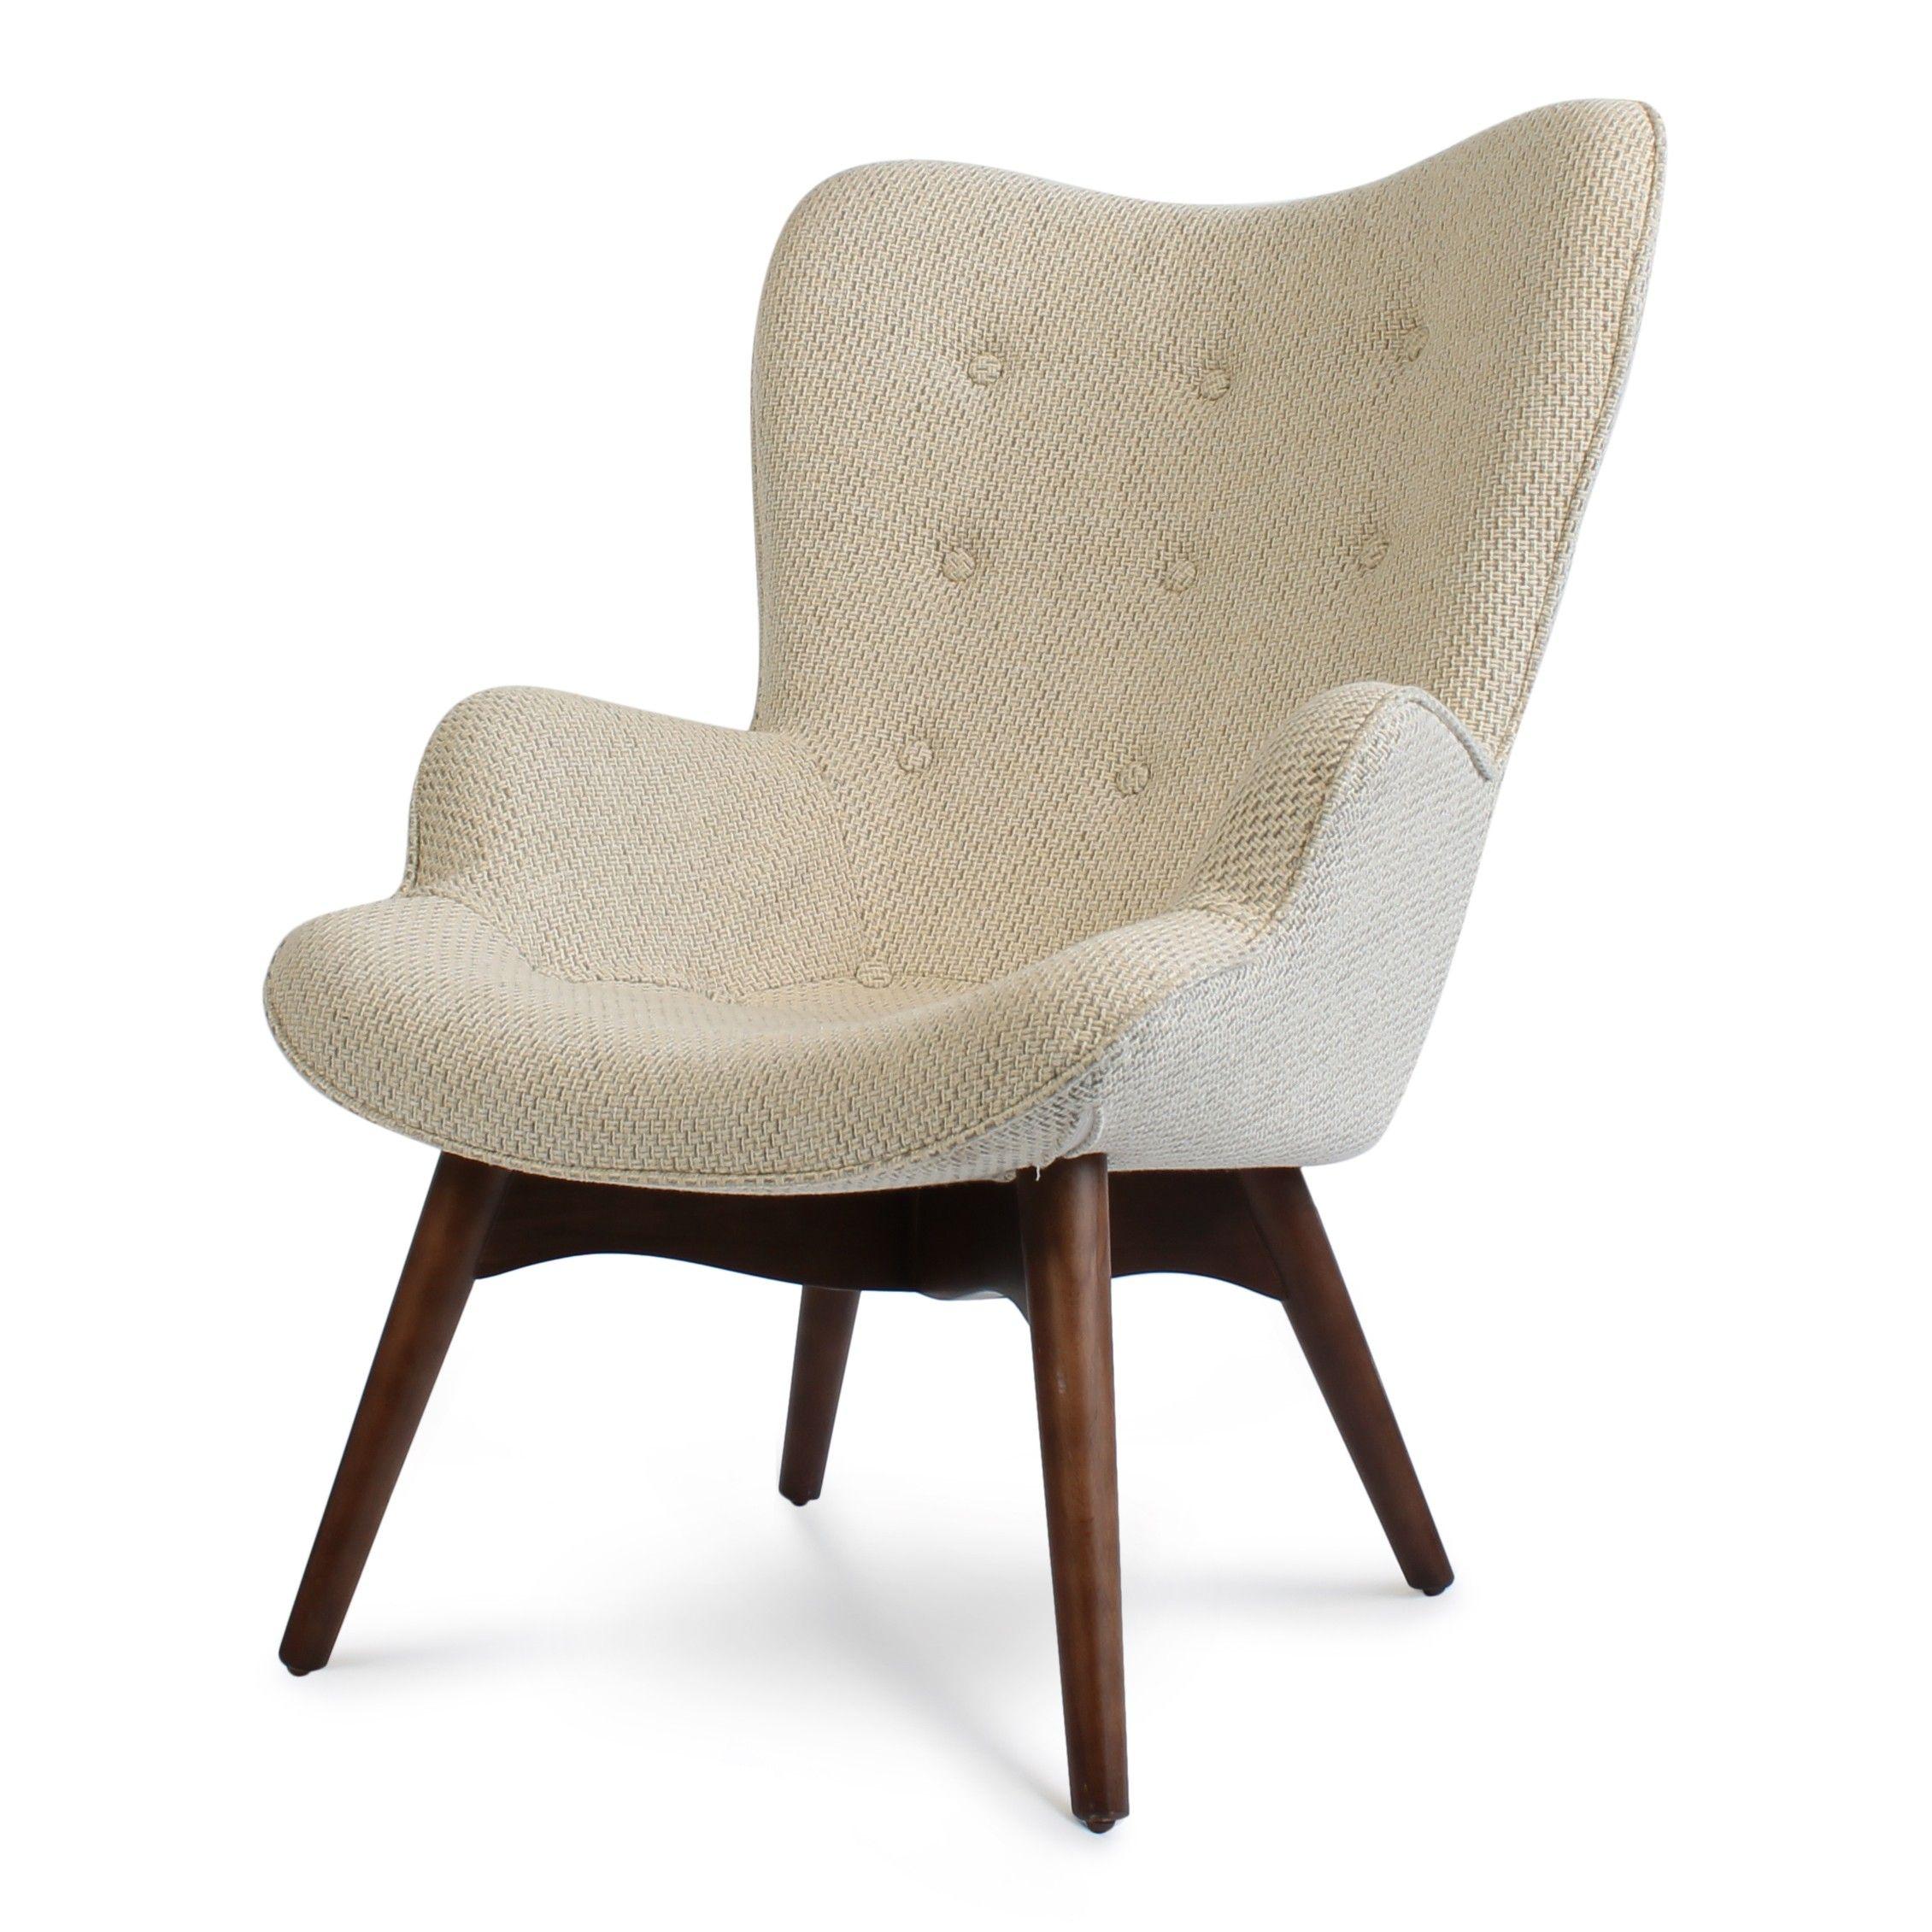 de wagon fauteuil heeft ronde vormen gecombineerd met een strak onderstel gemaakt van walnoten. Black Bedroom Furniture Sets. Home Design Ideas